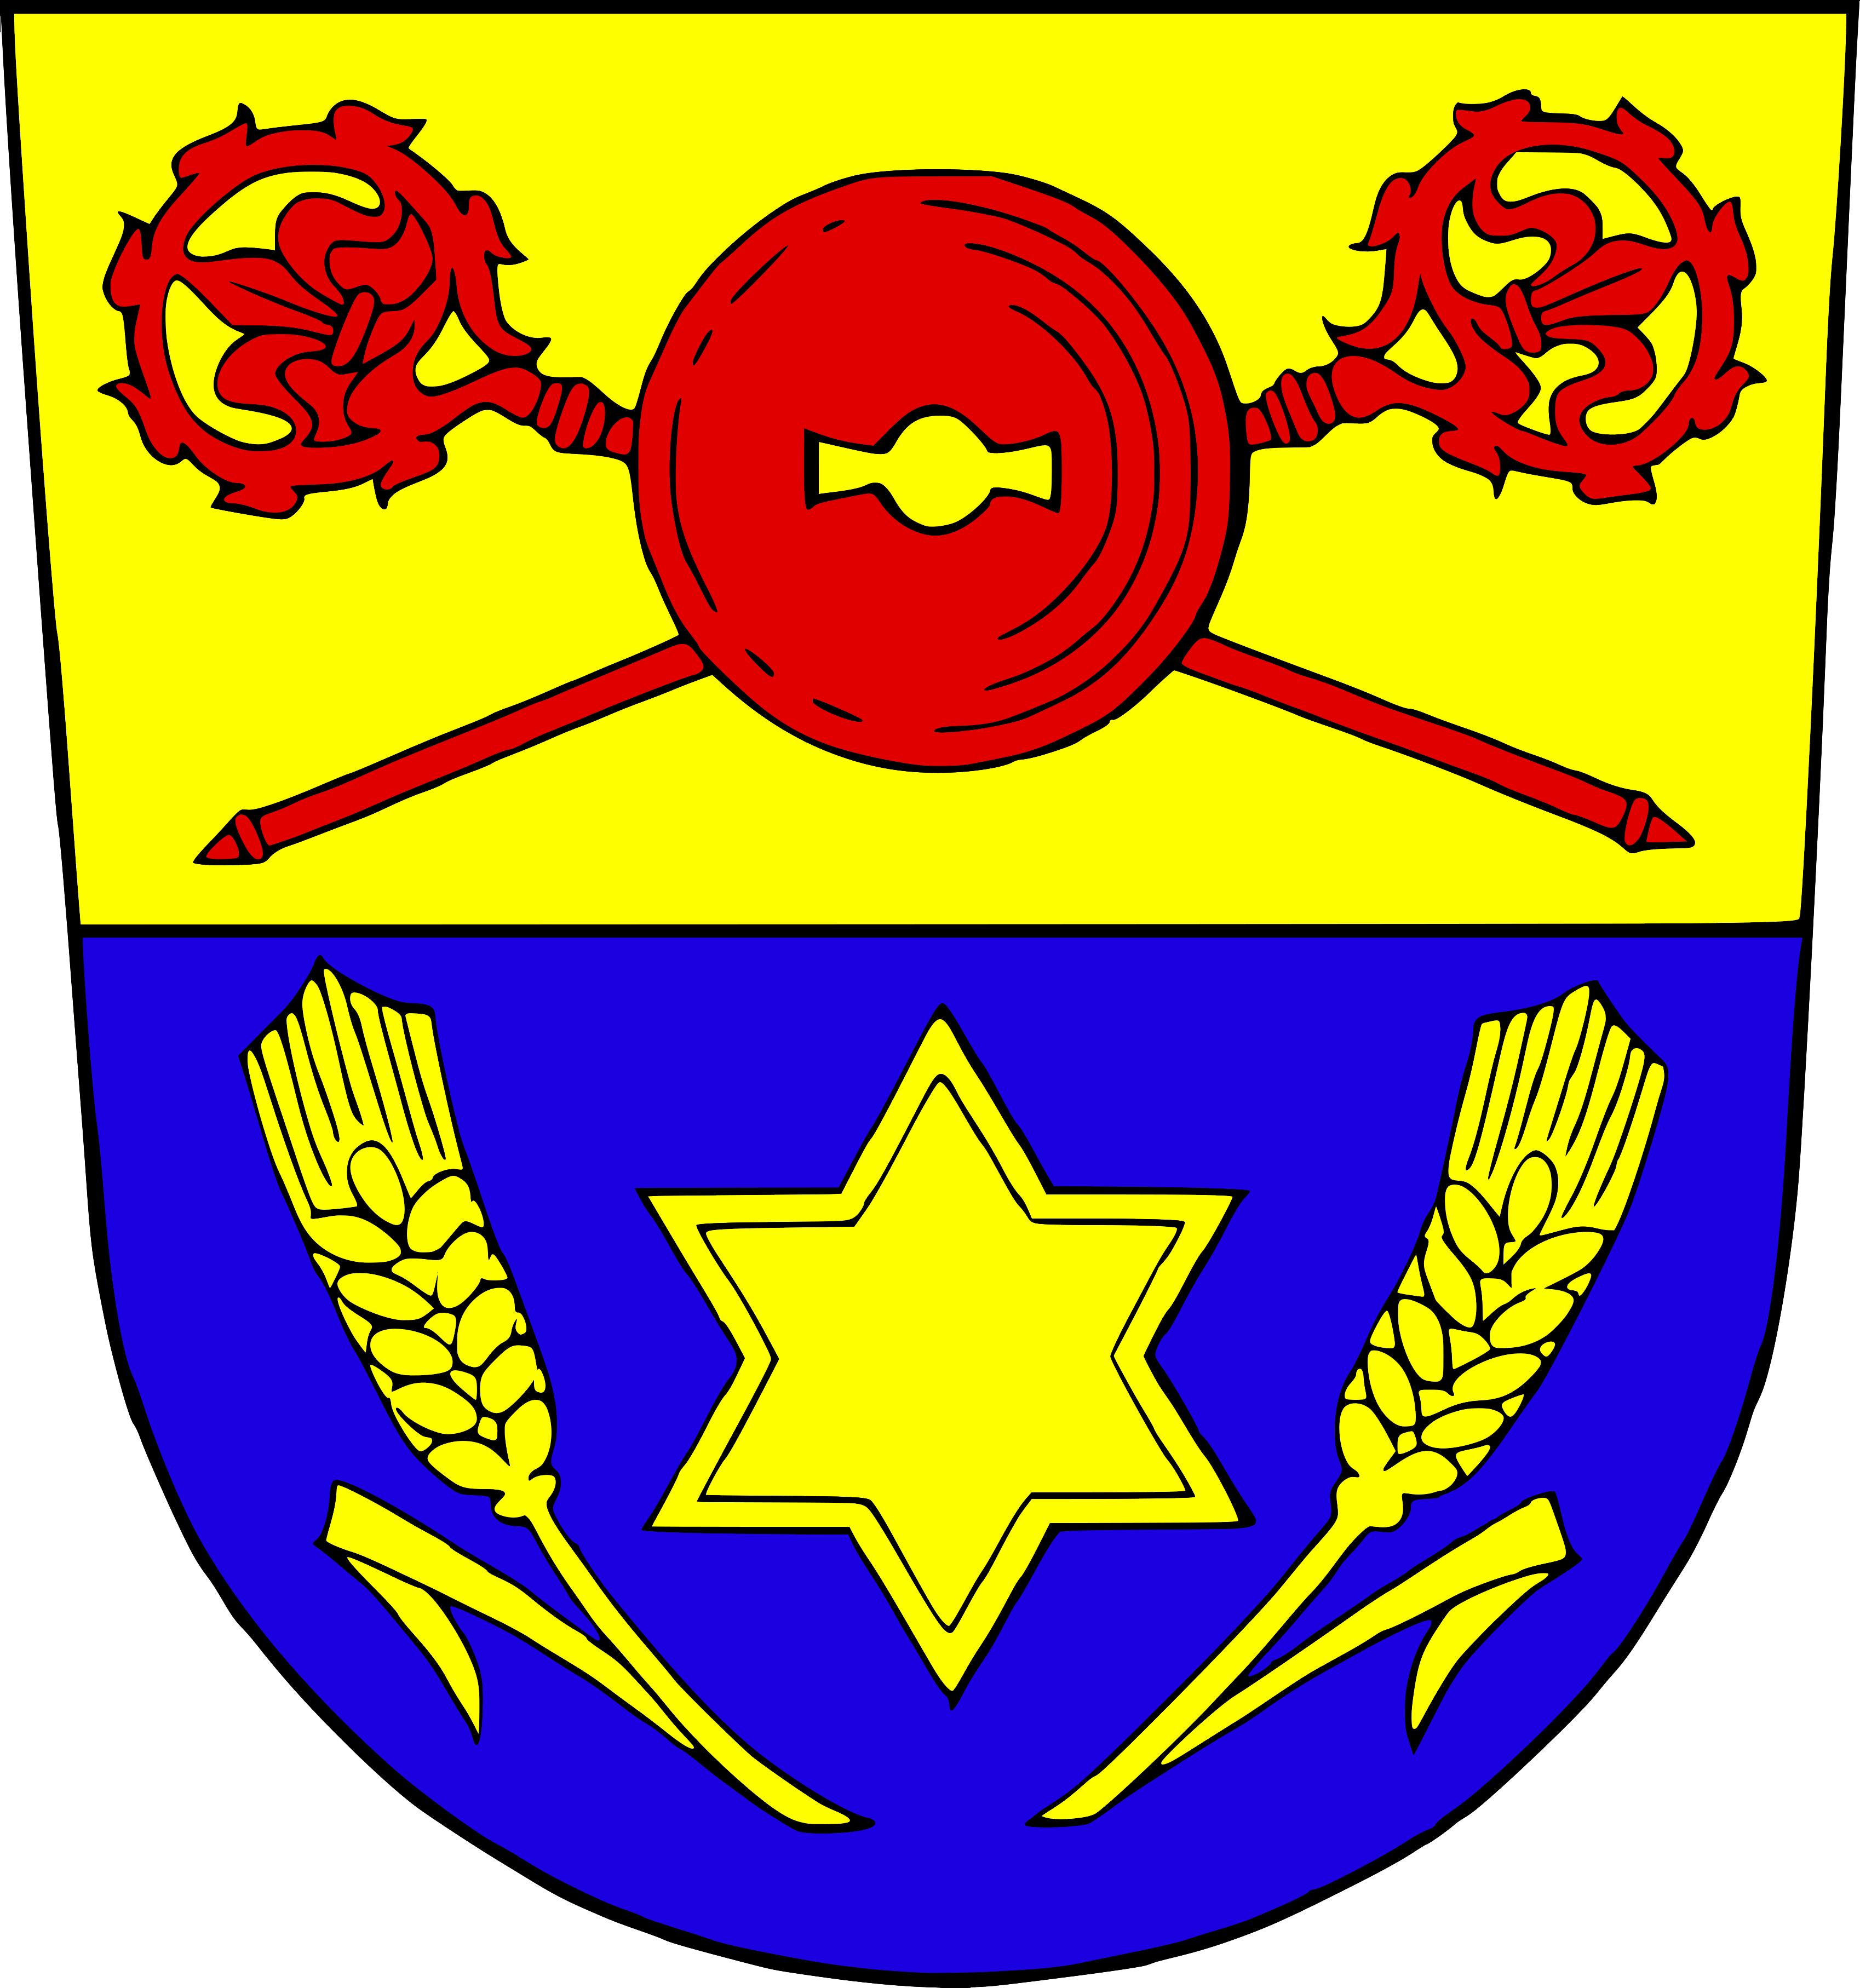 Wappen für den Ortsteil Herzlich Willkommen in Peppenkum! - Gersheim